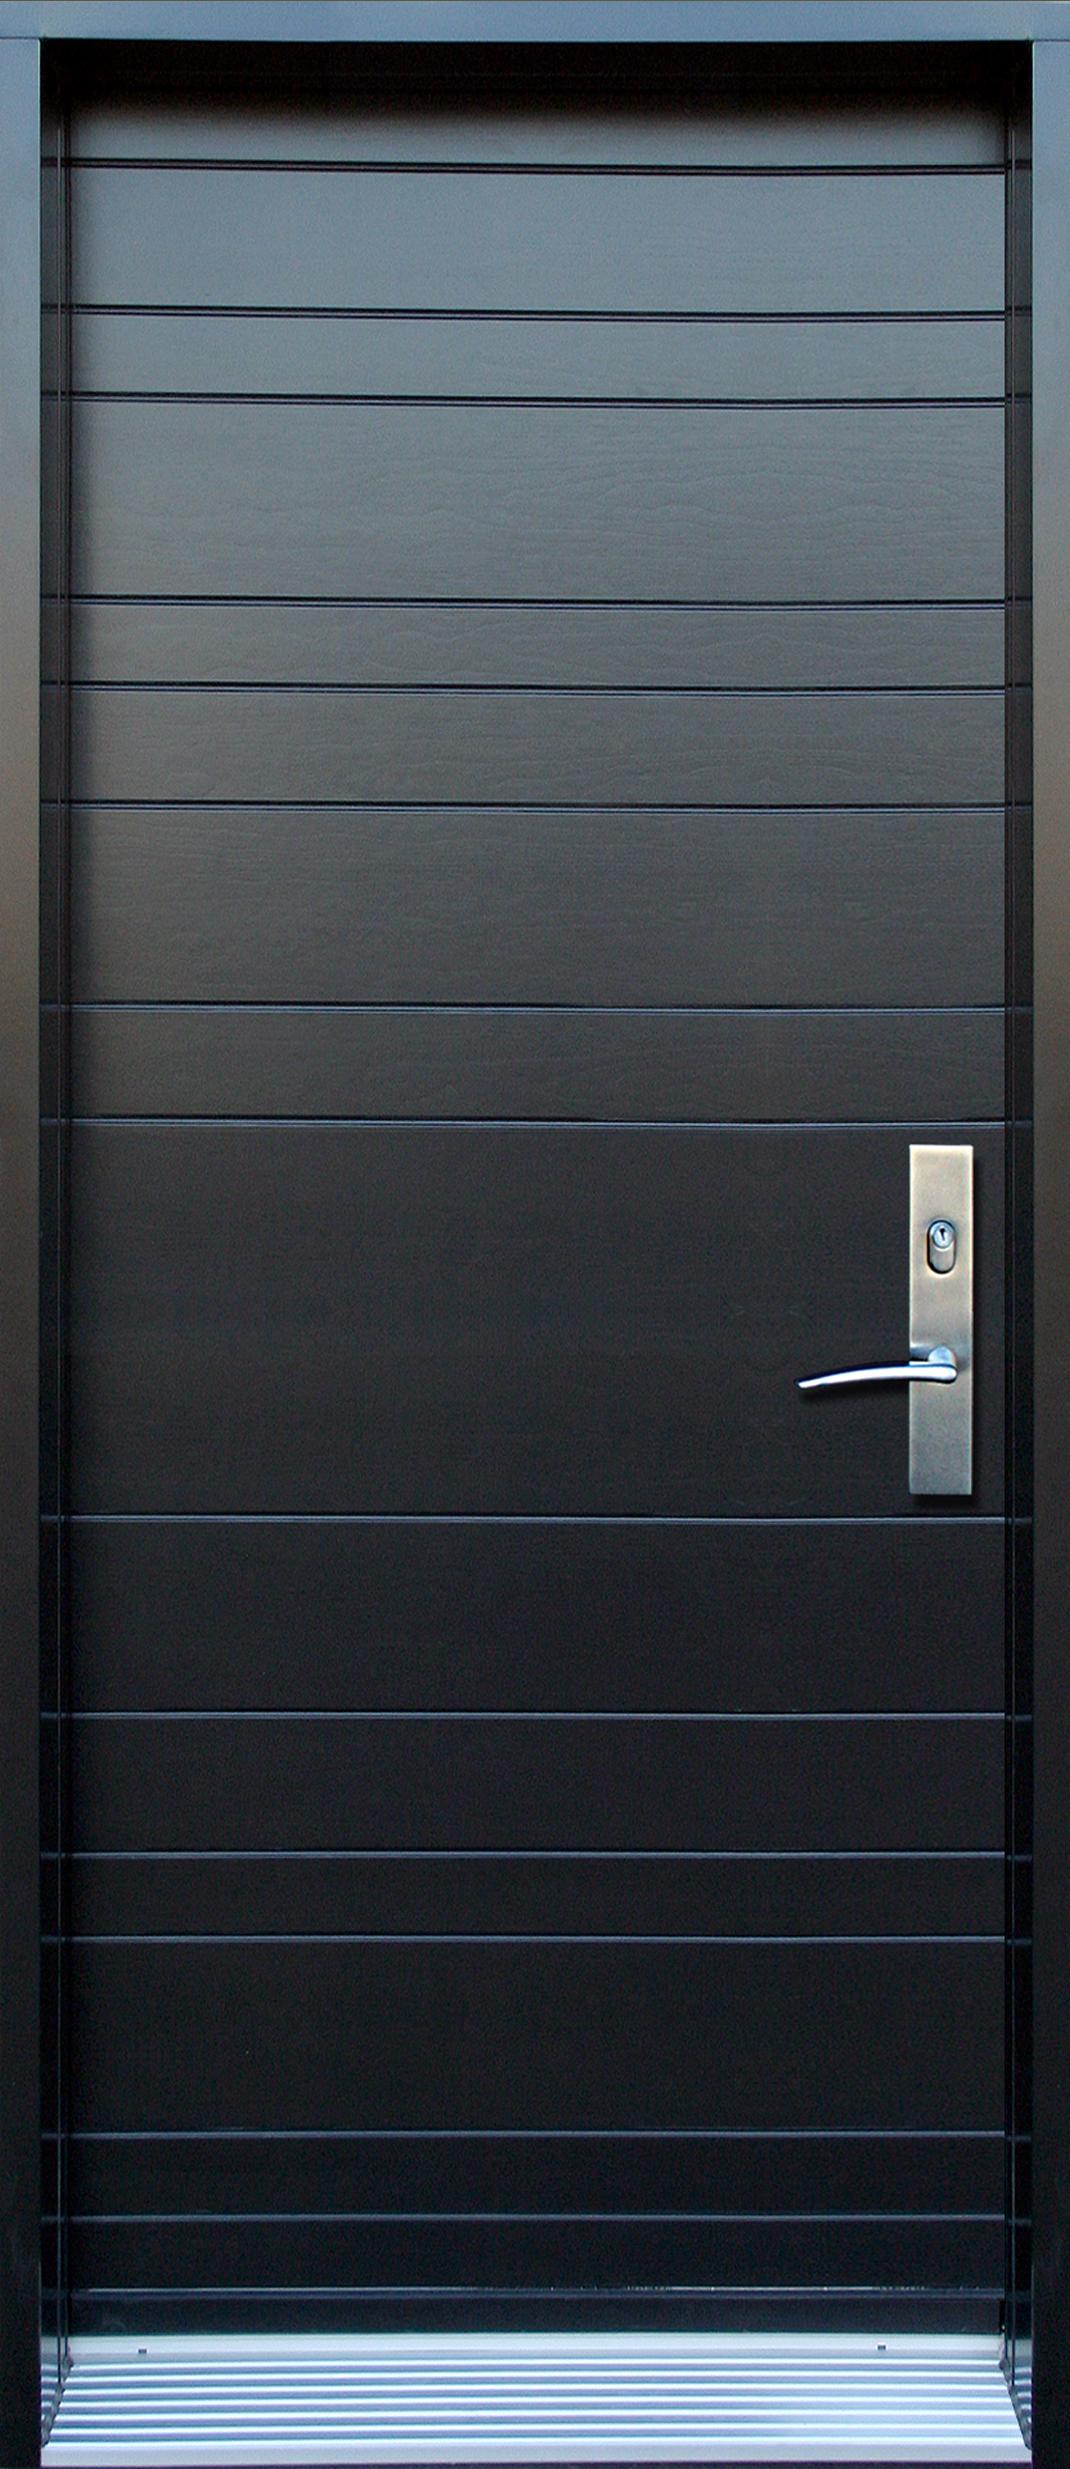 Mod le de porte contemporaine alpha7 portatec for Revetement porte d entree